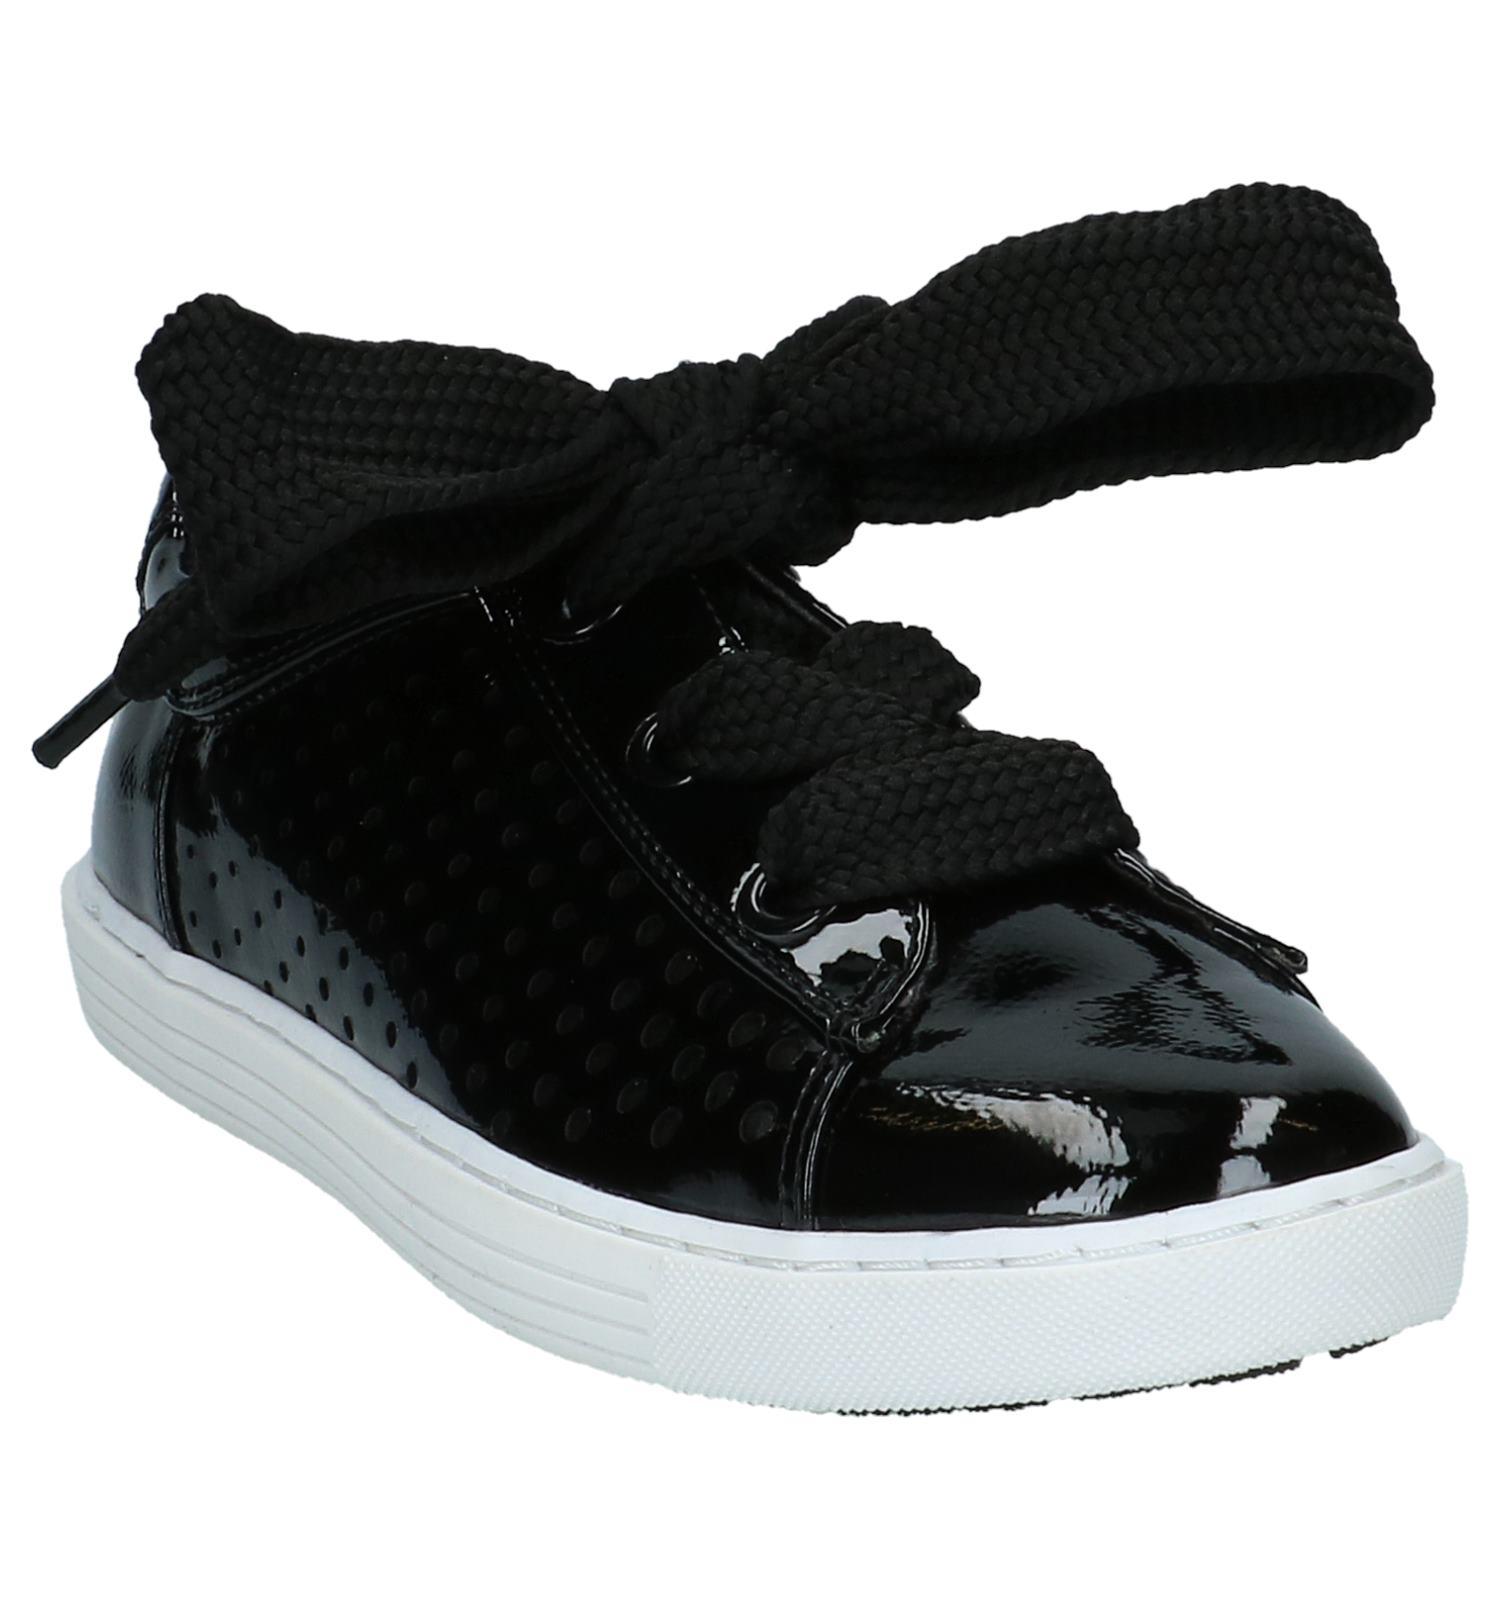 Zwarte Lakleren Marco Tozzi Sneakers   TORFS.BE   Gratis verzend en retour 80d76421dc